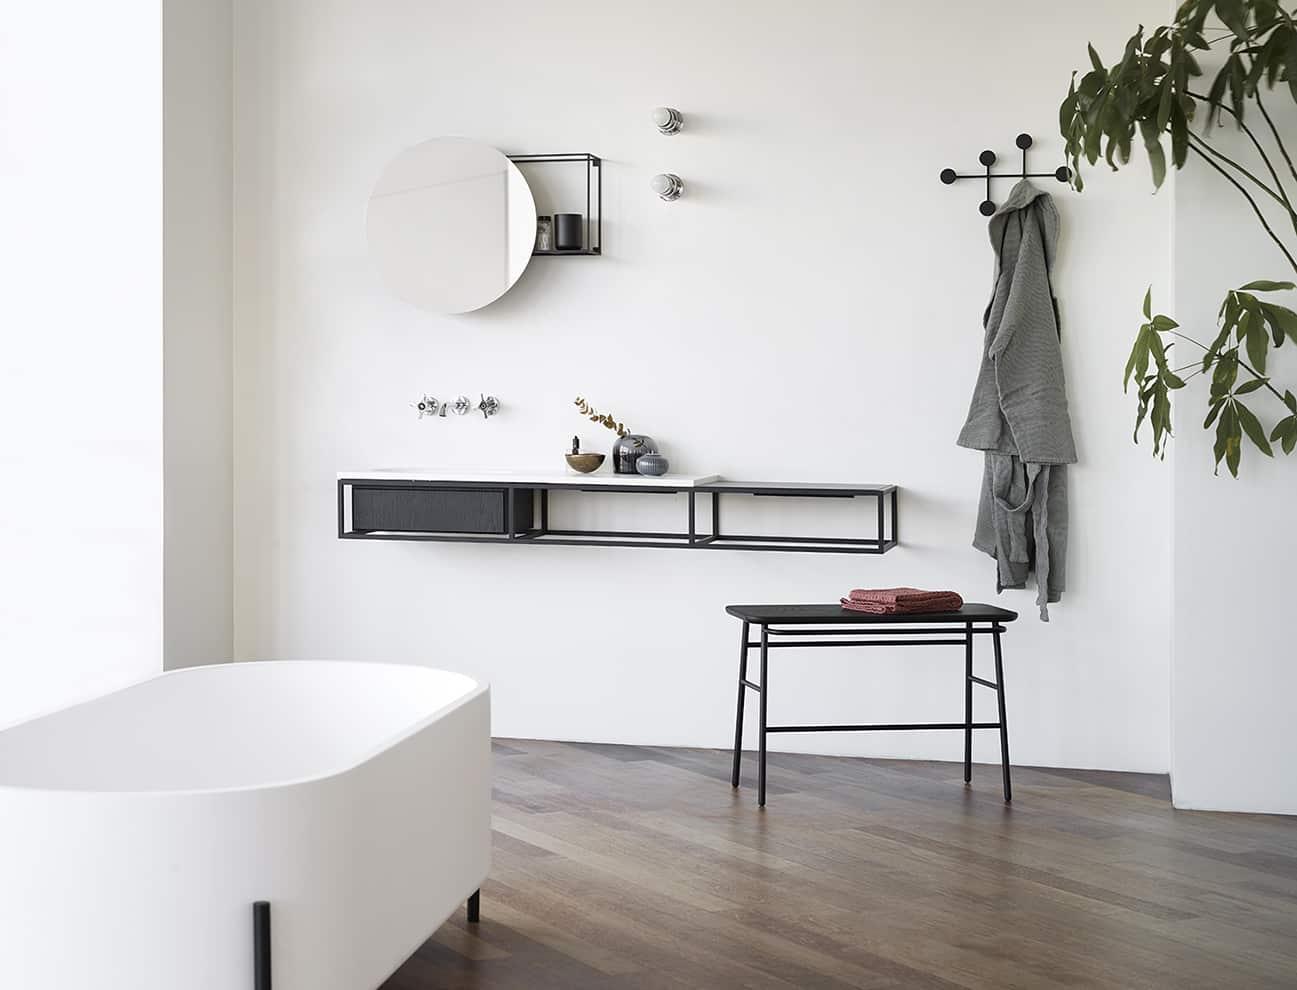 Ex.t, Frame - Meuble vasque modulaire et polyvalent, en chêne fumé et travertin Navona, inspiré des consoles de salle de bains industrielles danoises du XXème siècle. Design Norm. Architects. ©Ex.t